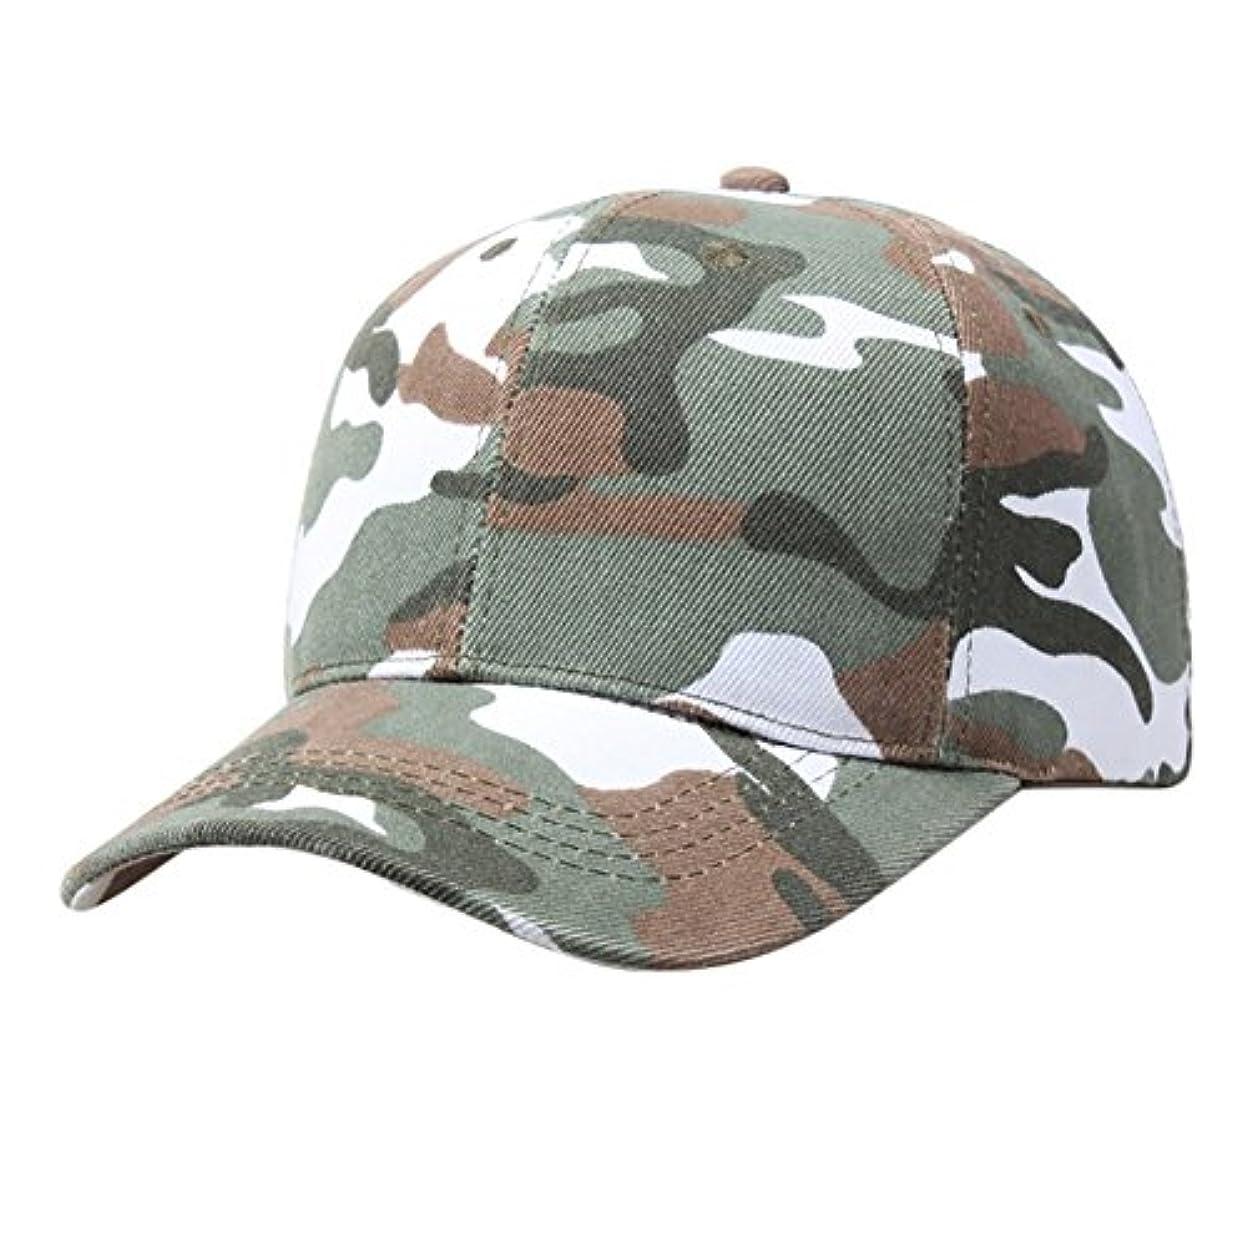 ブルジョンビルマ言及するRacazing Cap 迷彩 野球帽 軍用 通気性のある ヒップホップ 帽子 夏 登山 緑 可調整可能 棒球帽 男女兼用 UV 帽子 軽量 屋外 カモフラージュ Unisex Cap (緑)